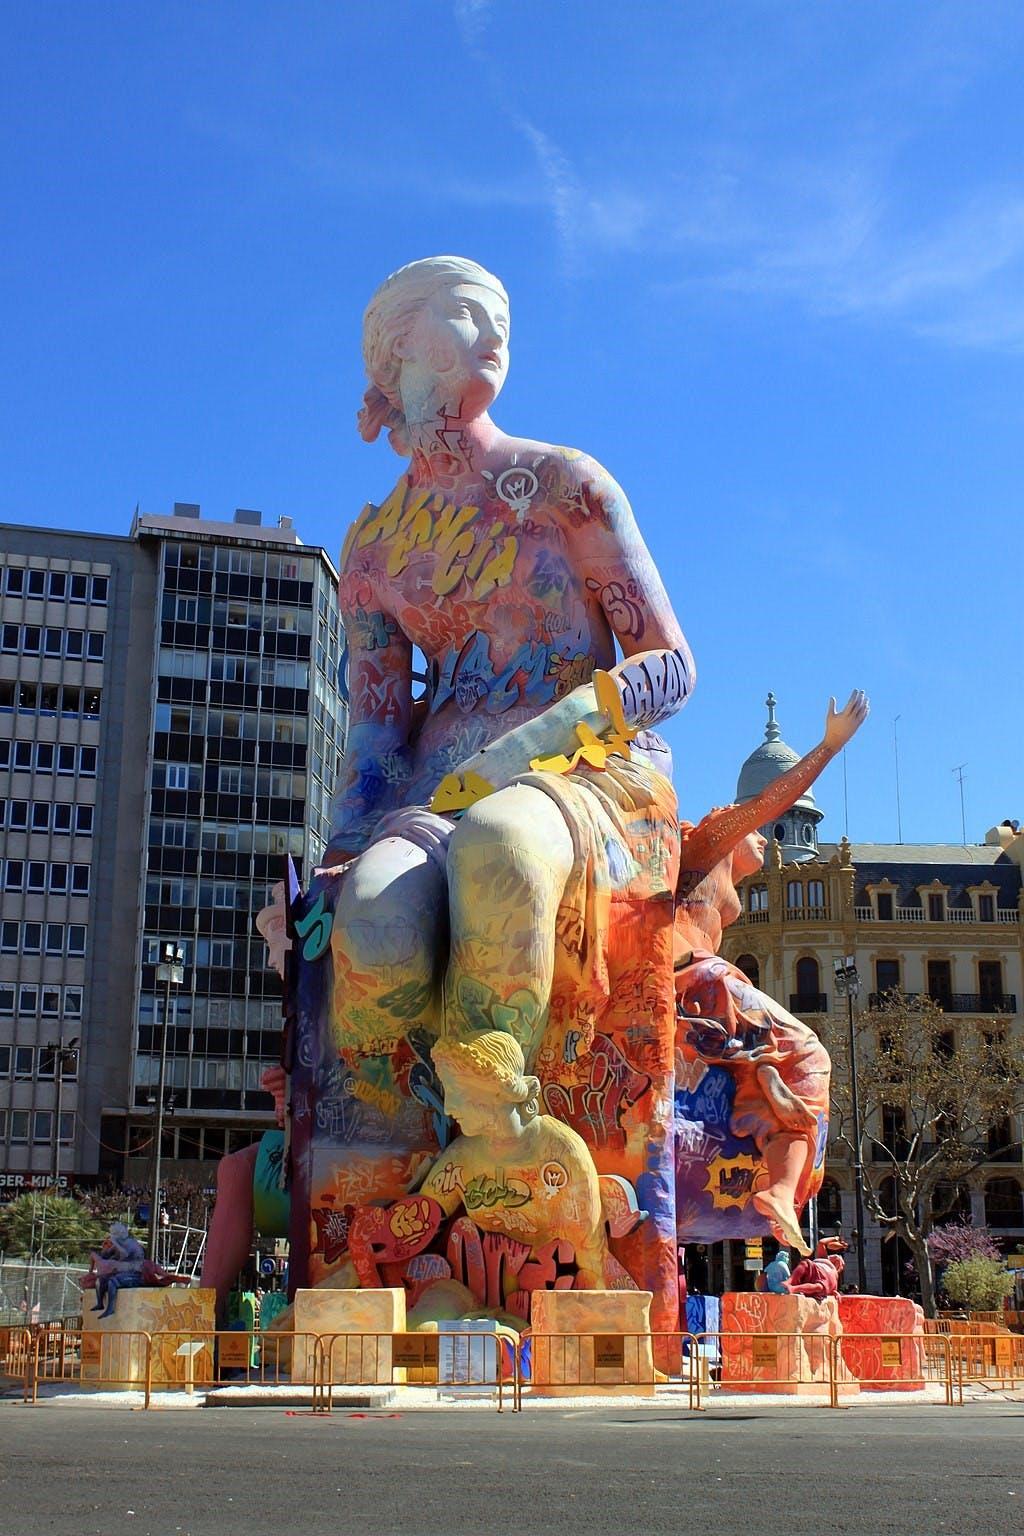 【法雅節】西班牙年度盛事 民眾火燒人偶以諷刺時弊 | 撐場